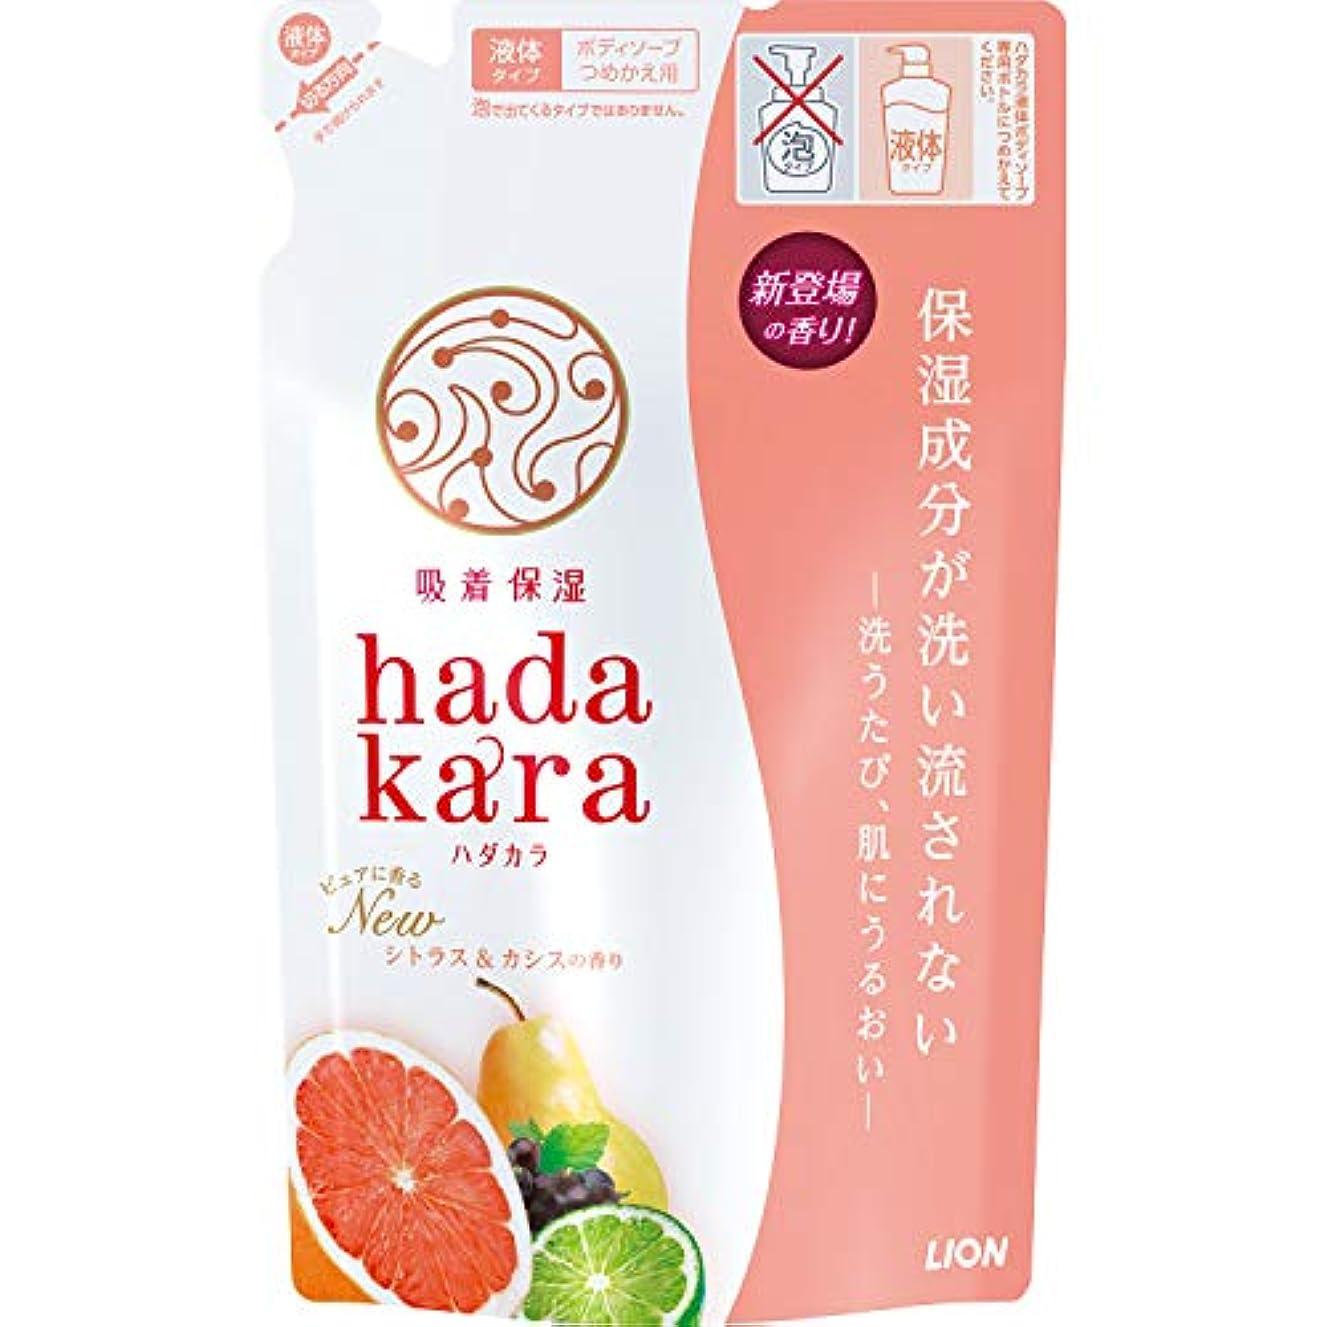 ストレス評判目立つhadakara(ハダカラ) ボディソープ シトラス&カシスの香り つめかえ 360ml 詰替え用